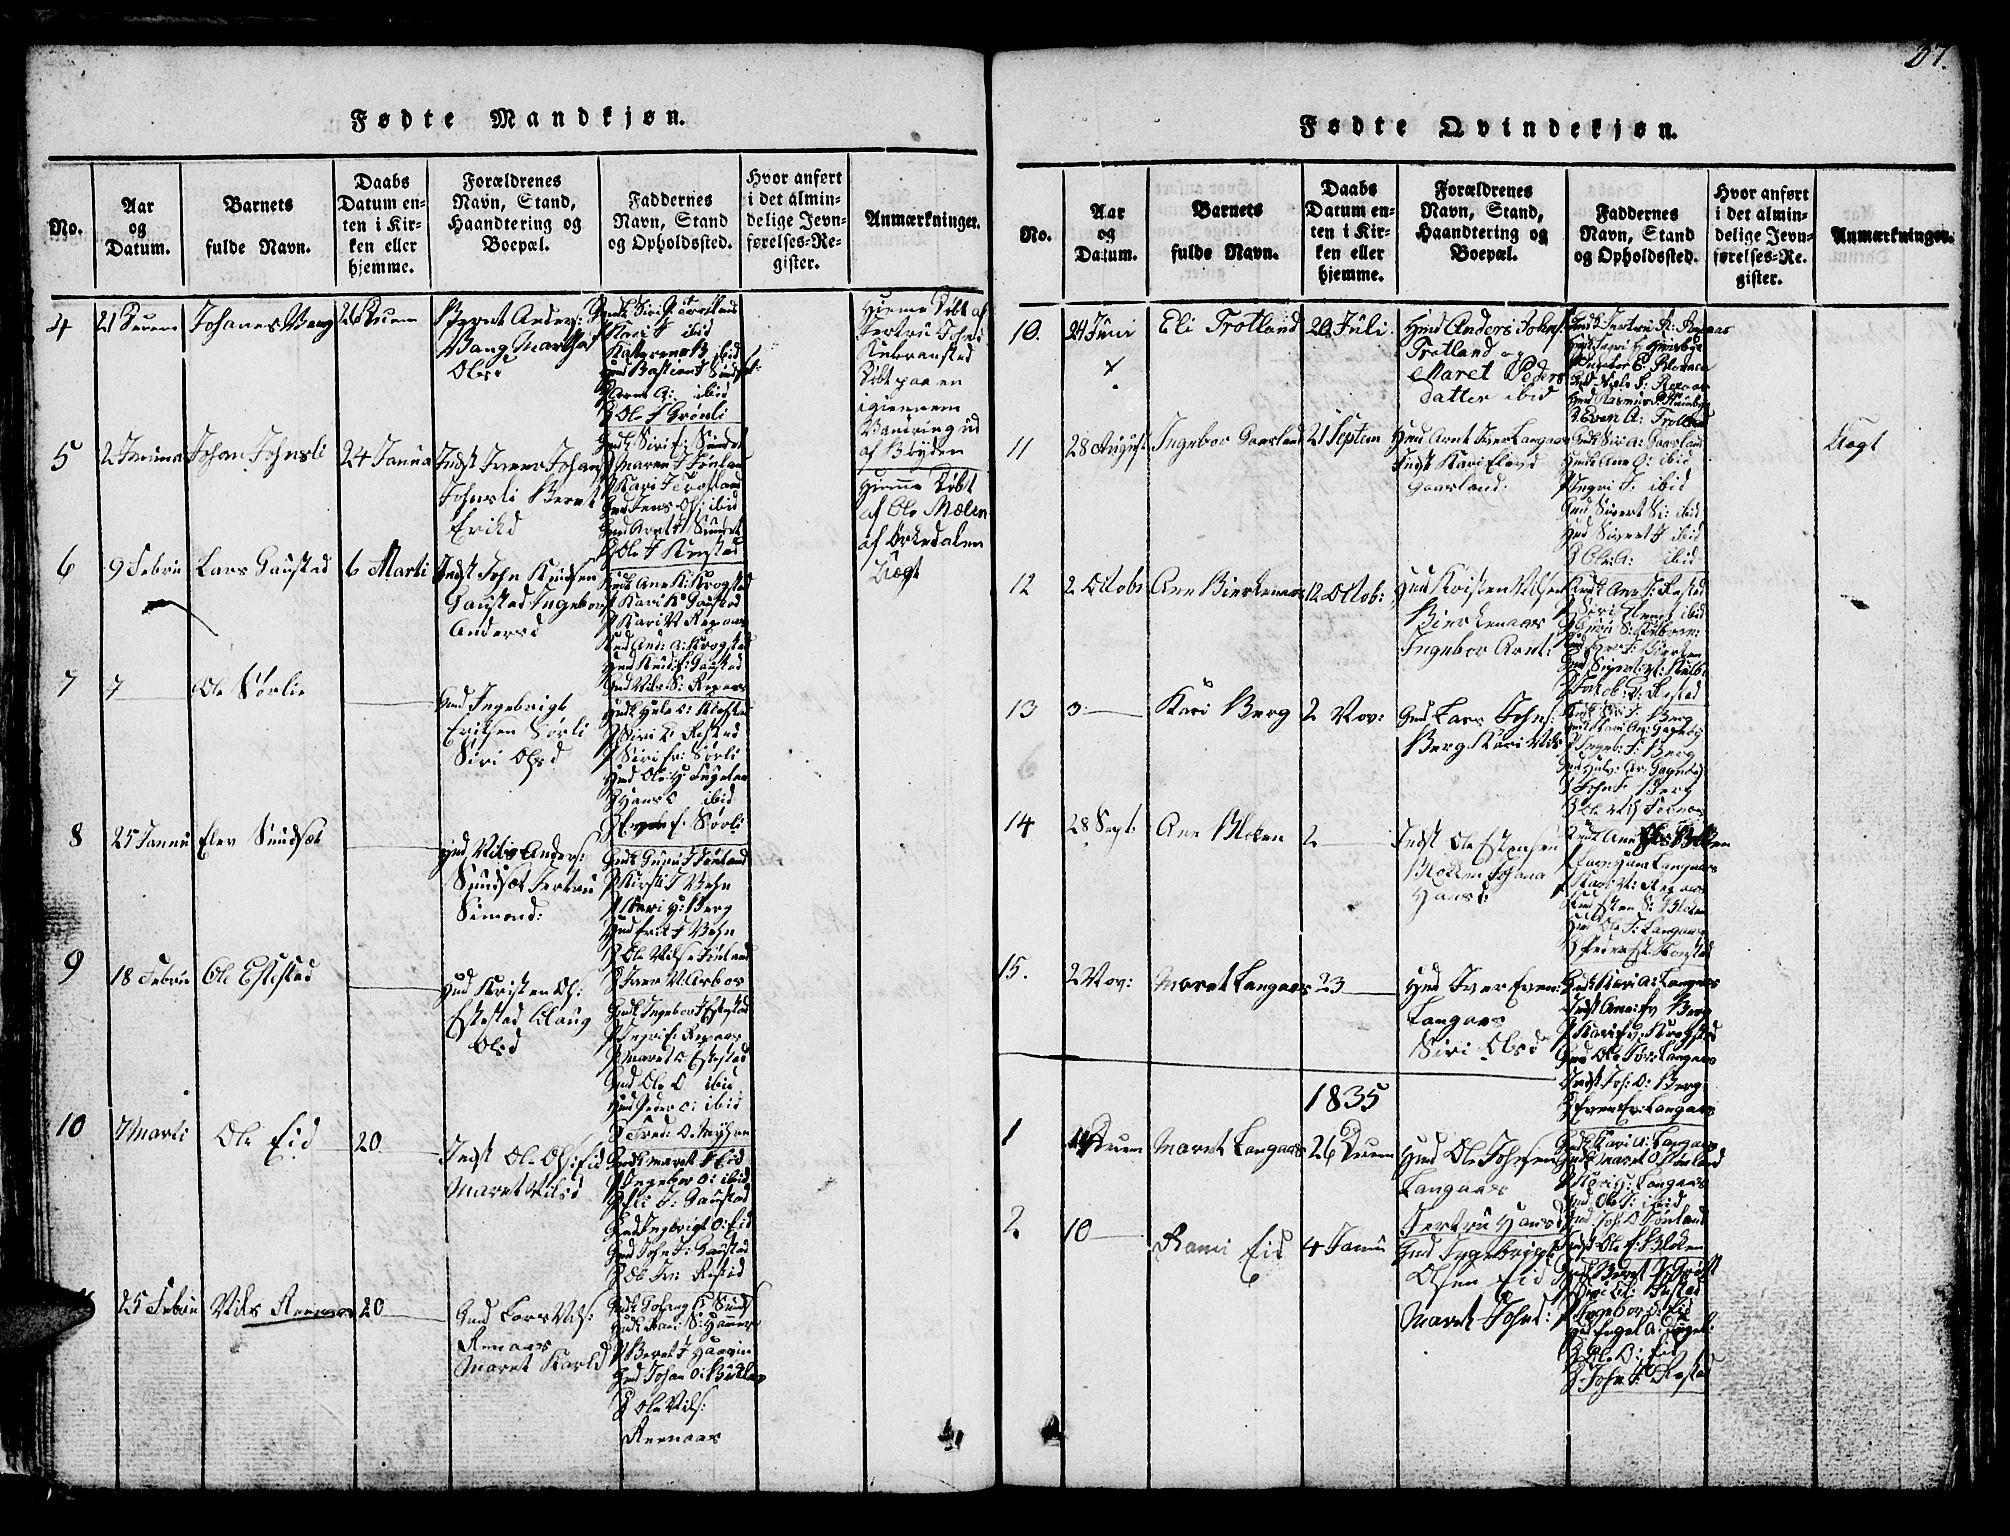 SAT, Ministerialprotokoller, klokkerbøker og fødselsregistre - Sør-Trøndelag, 694/L1130: Klokkerbok nr. 694C02, 1816-1857, s. 37